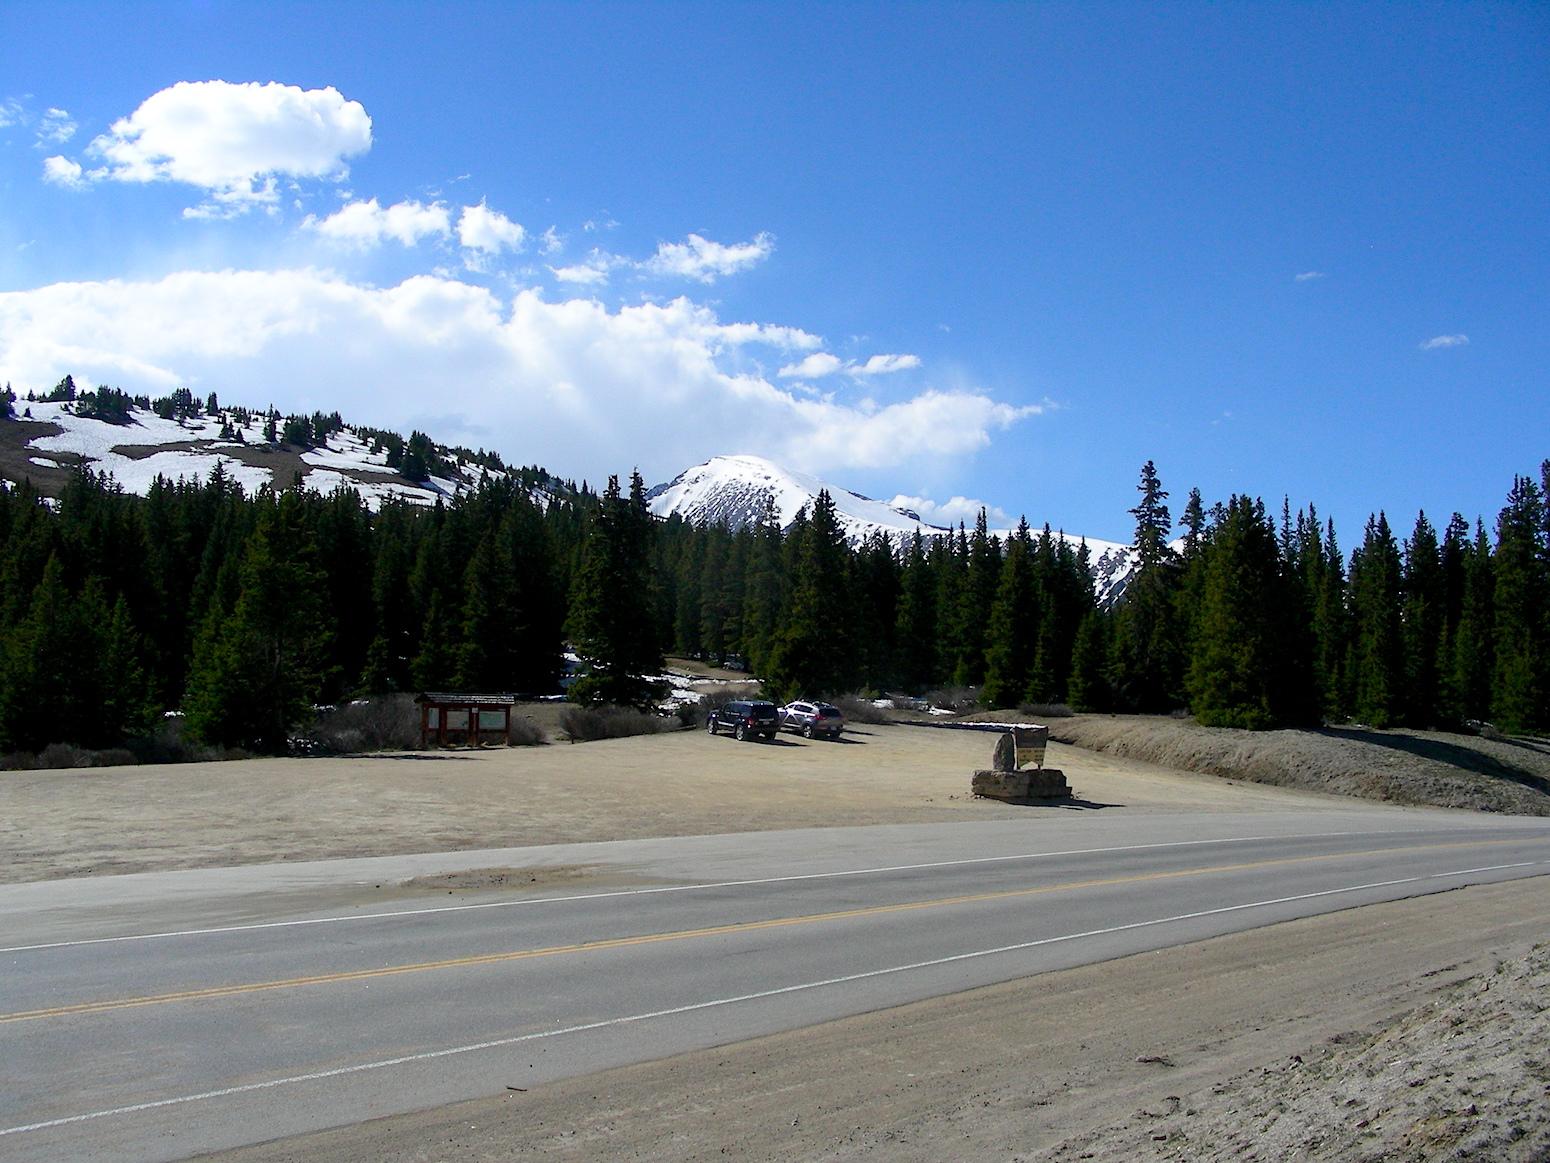 Looking across highway 9 at Hoosier Pass.